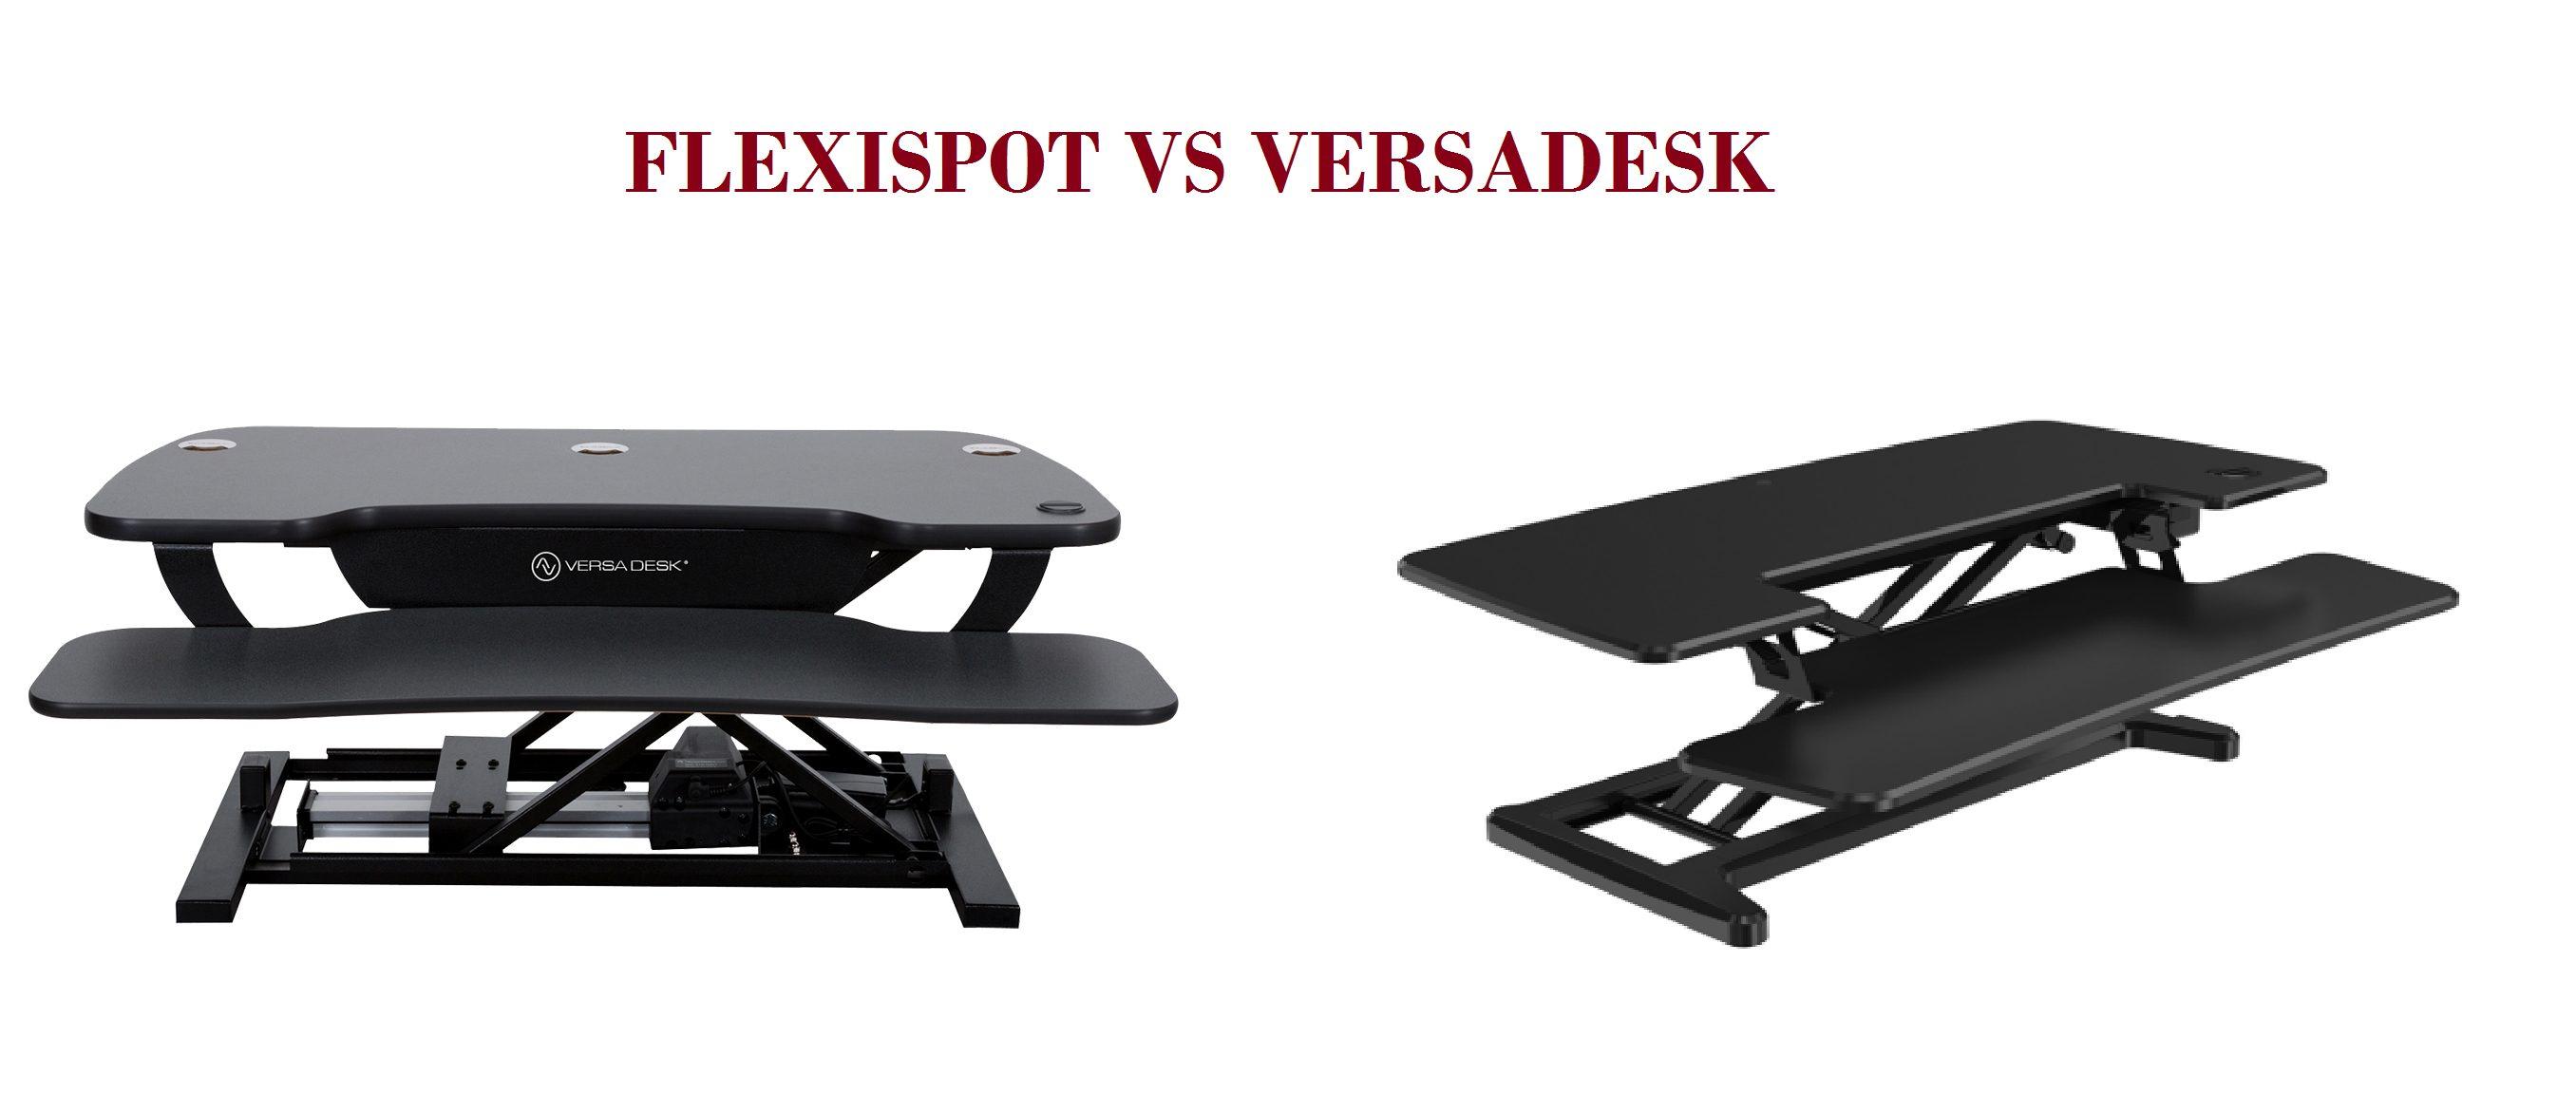 flexispot vs versadesk